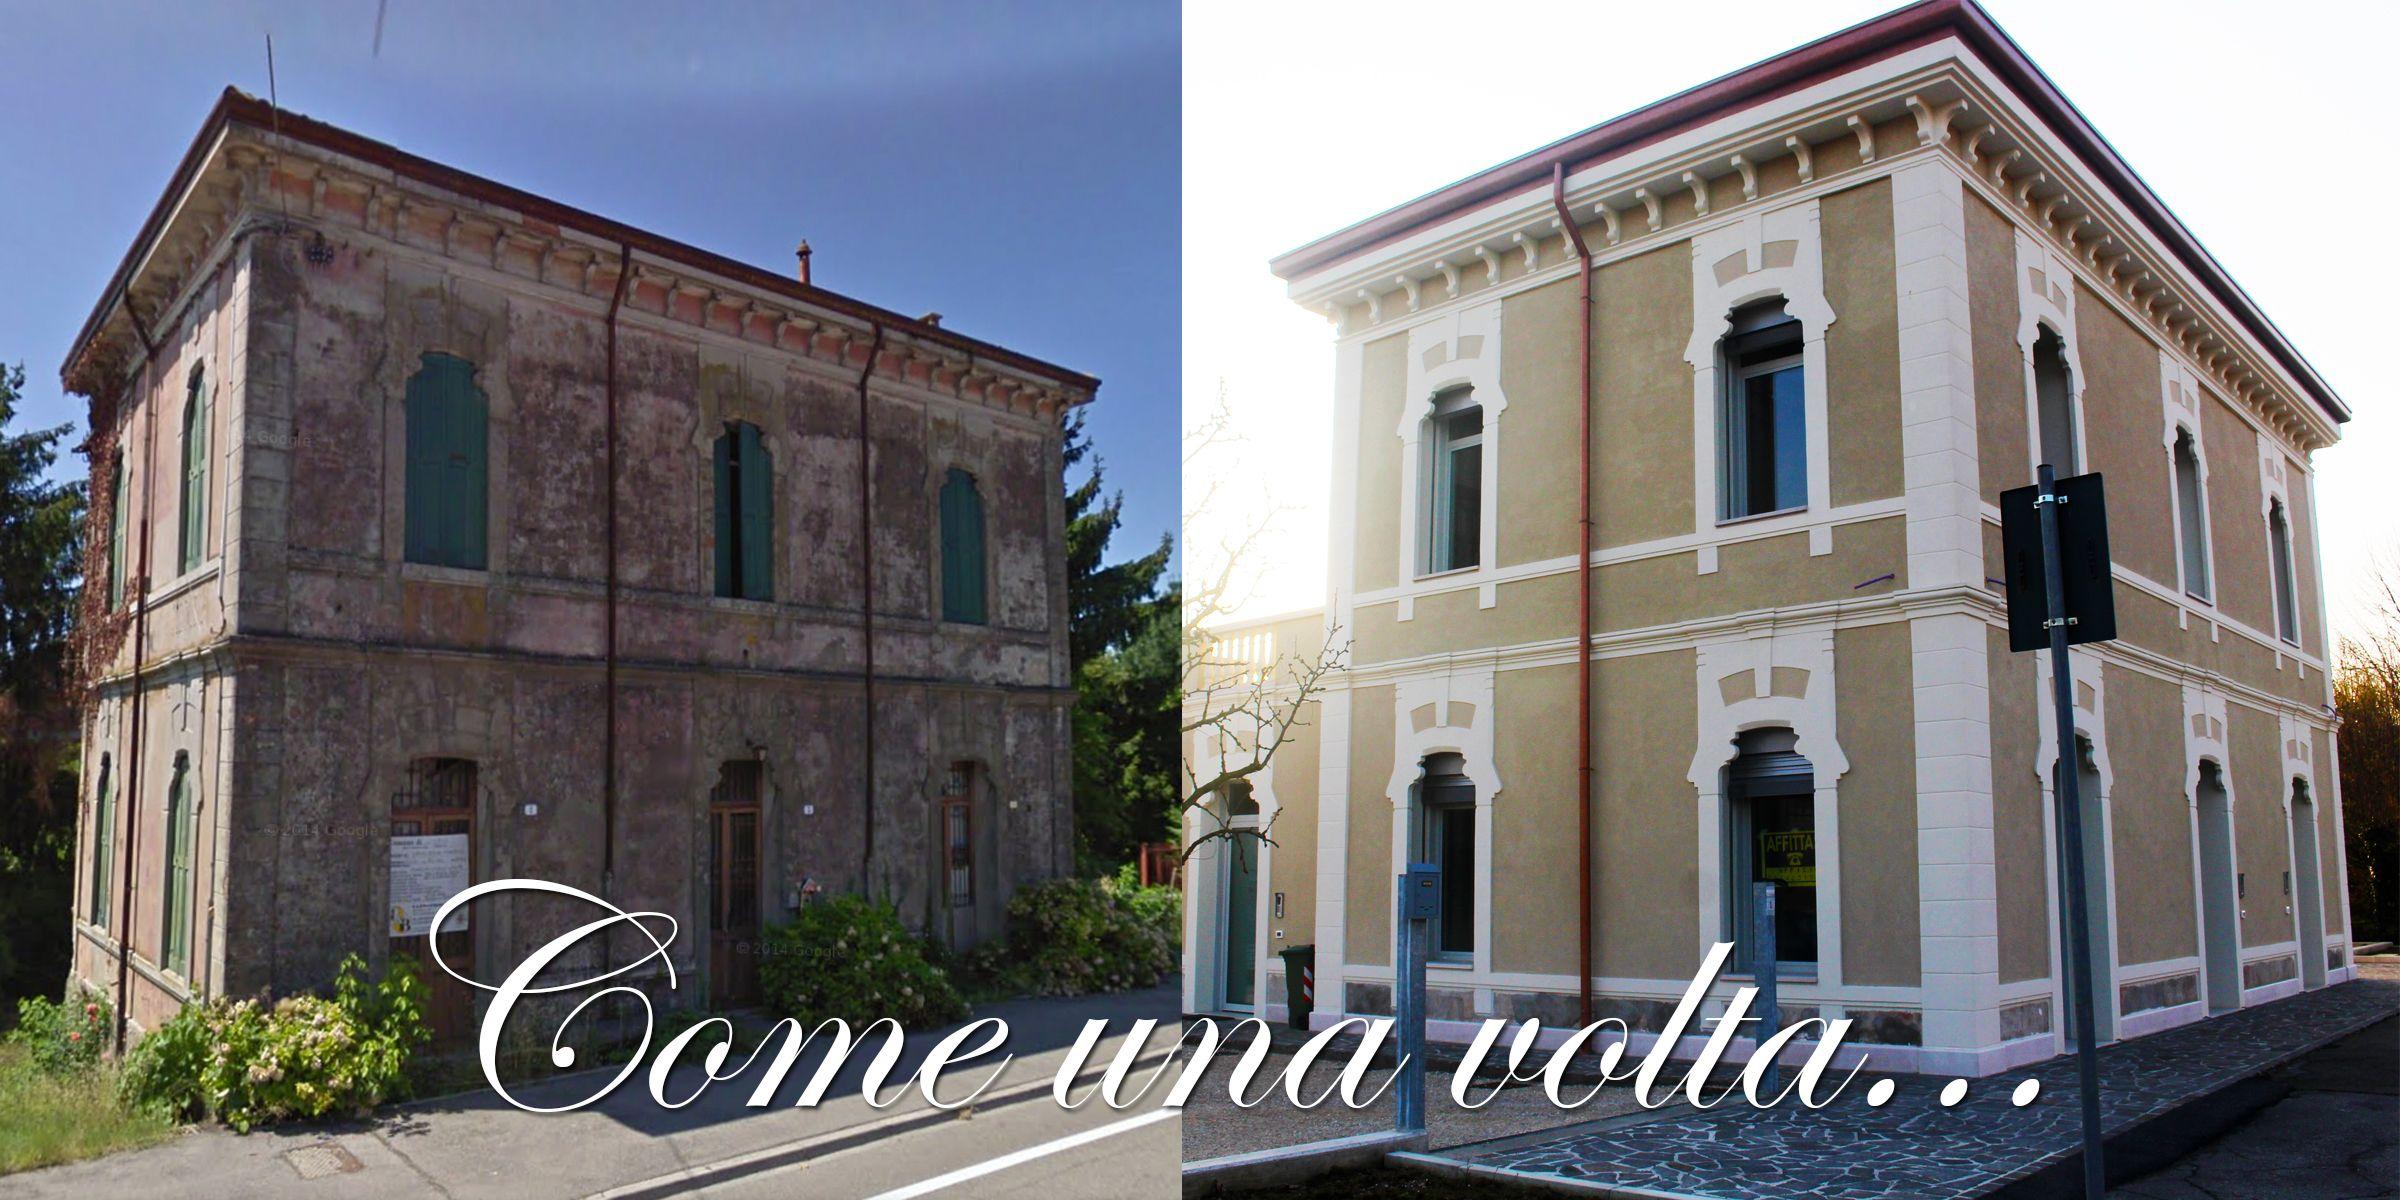 Cornici per esterni cornici per finestre facciate decorate marcapiano cornici da esterno - Cornici per finestre esterne prezzi ...